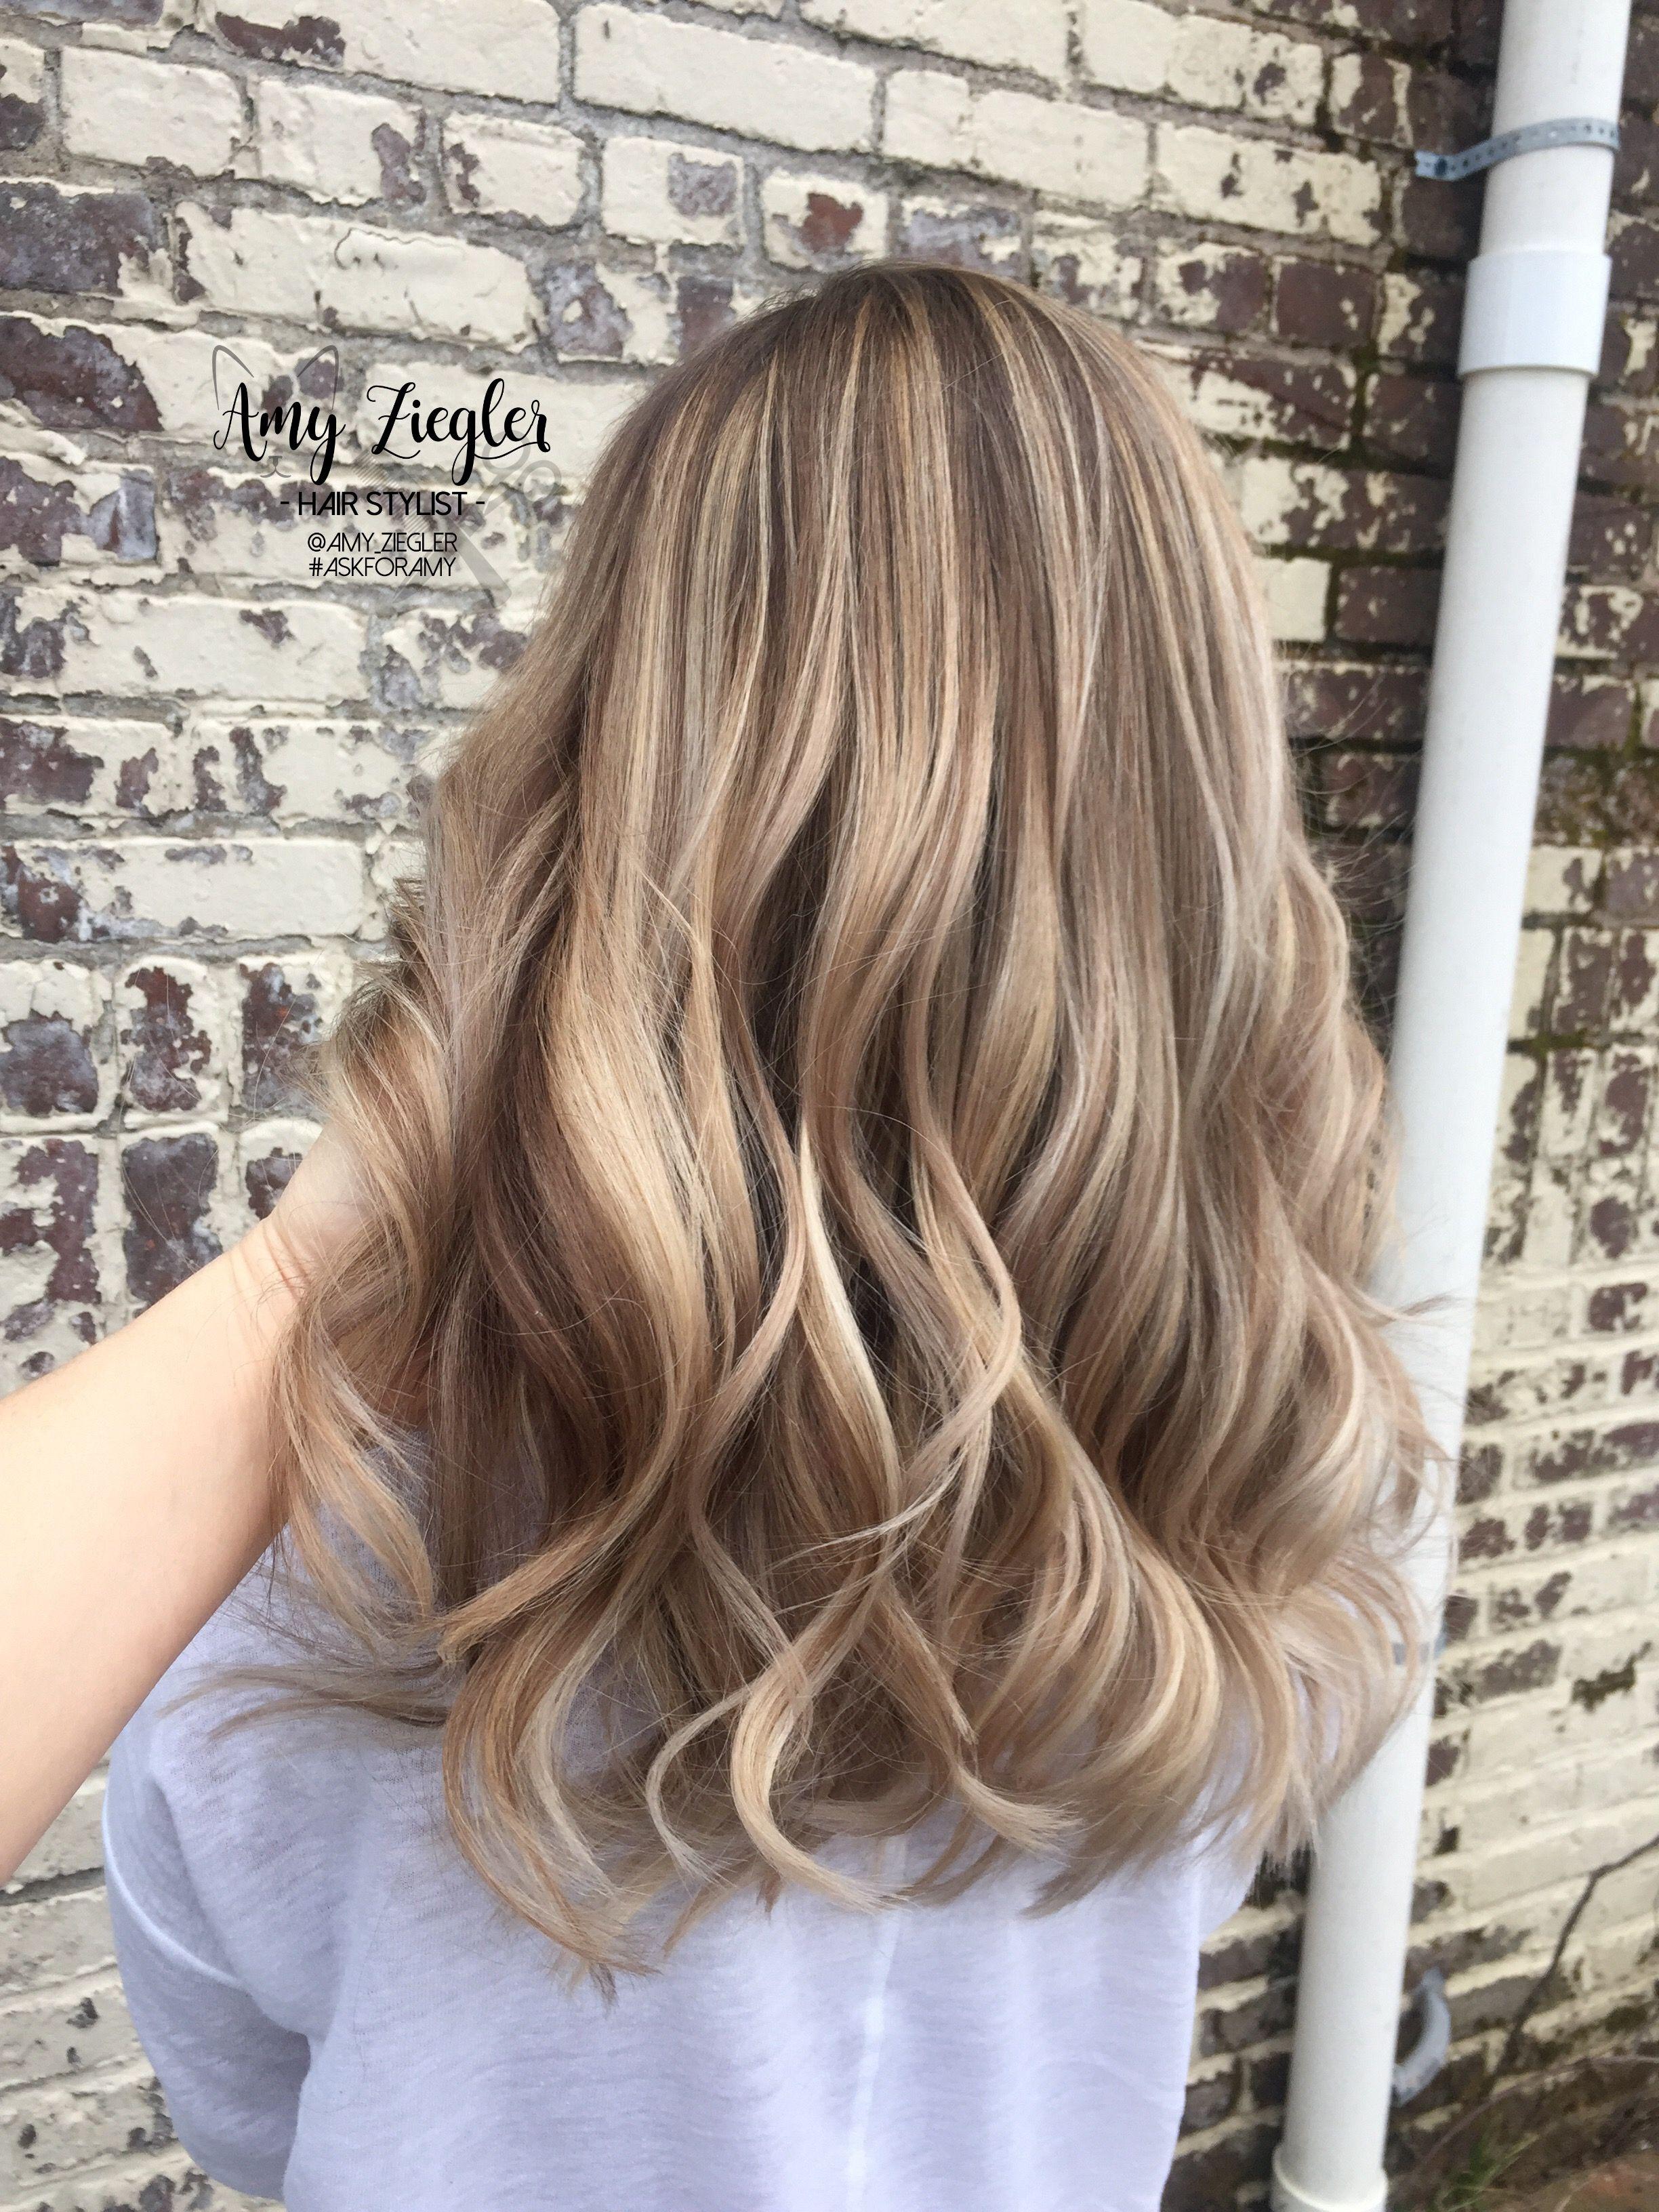 Blonde Balayage and Long Layered Haircut by amyziegler askforamy